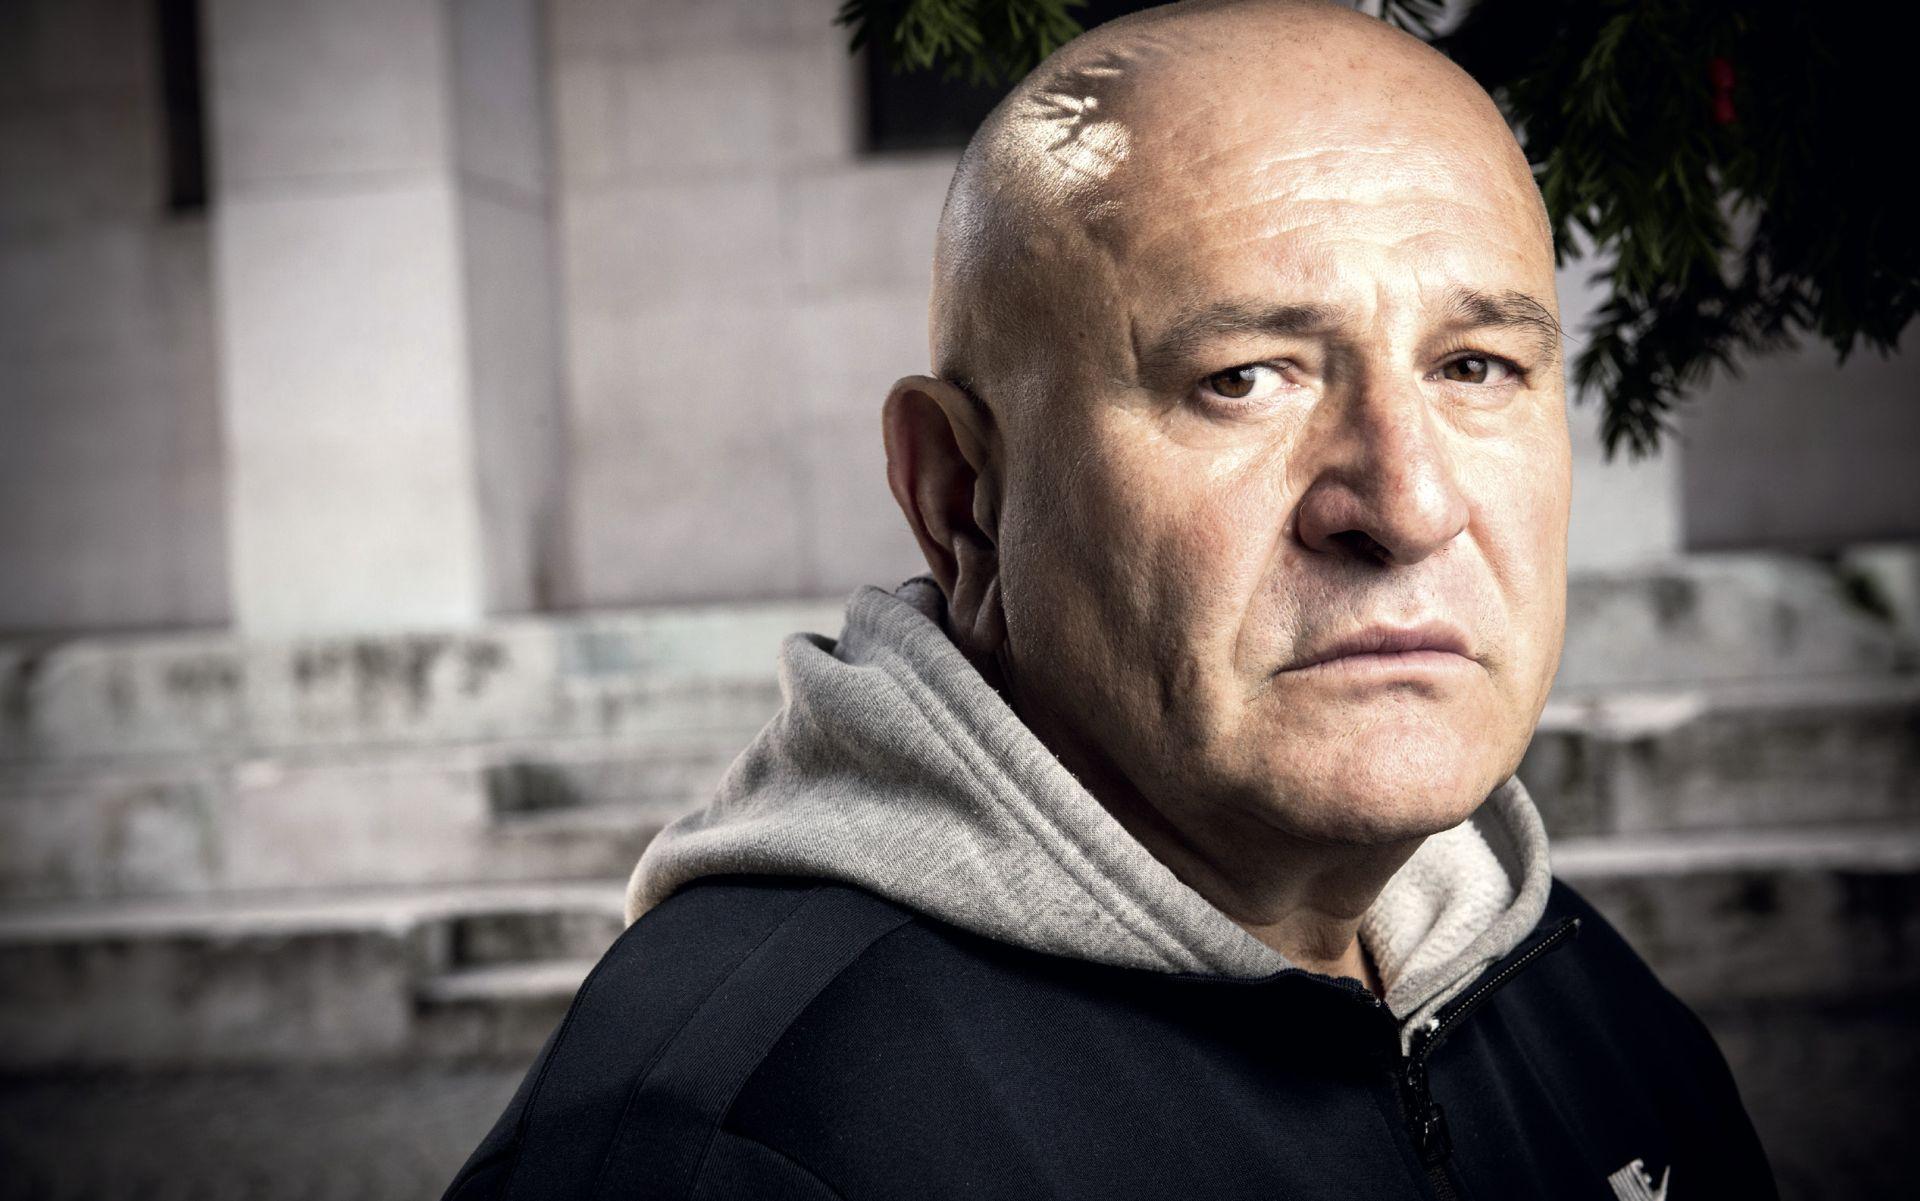 INTERVIEW: DEJAN AĆIMOVIĆ 'Naše je društvo postalo toliko primitivno da više nema prostora ni za nazadovanje'